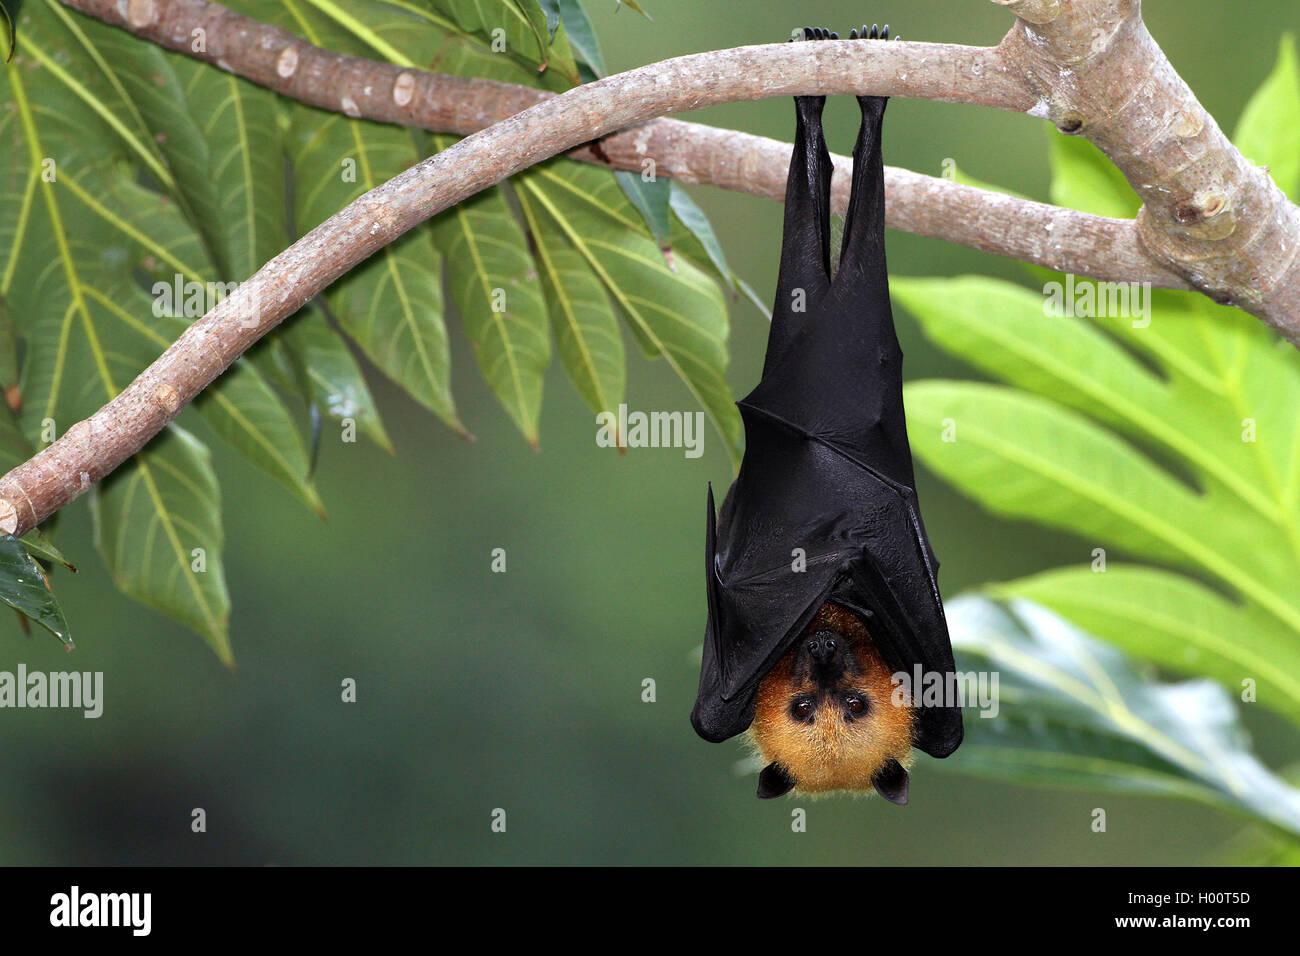 Seychellen-Flughund, Seychellenflughund (Pteropus Seychellensis), Haengt eine Einem Ast Im Baum, Seychellen | Seychellen Stockbild